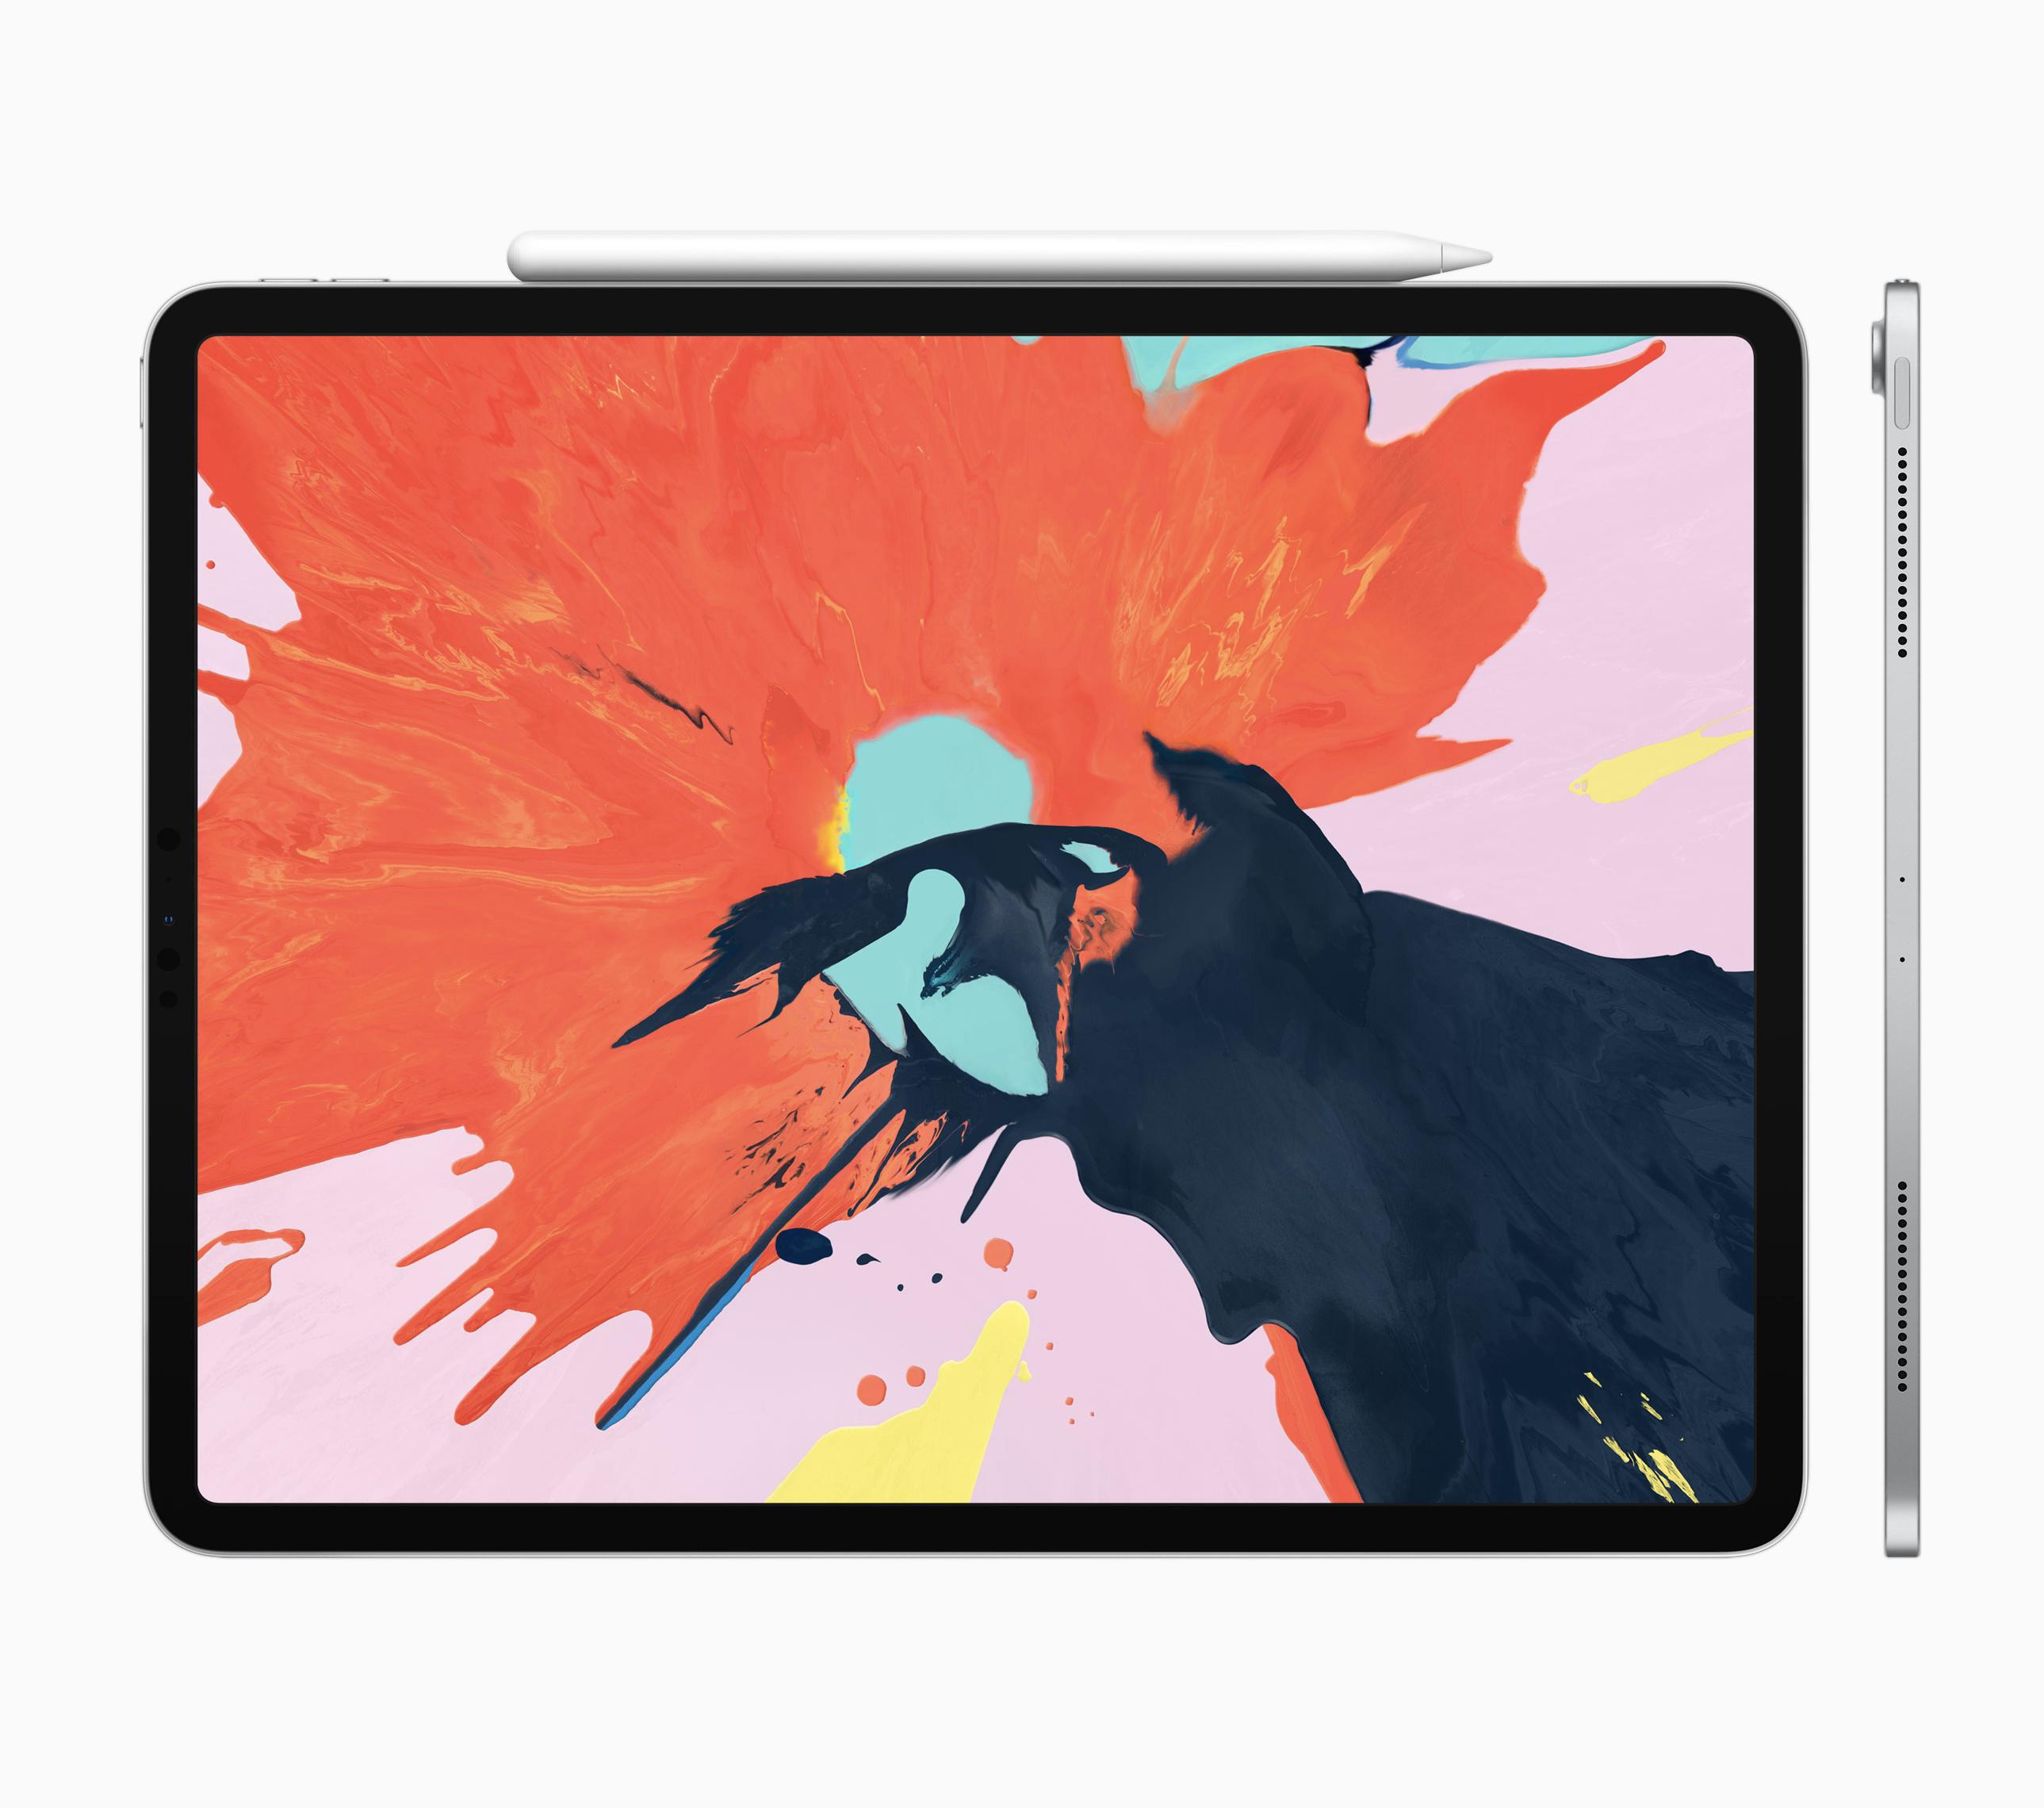 Bringt iOS 13 Maus-Unterstützung auf das iPad Pro?